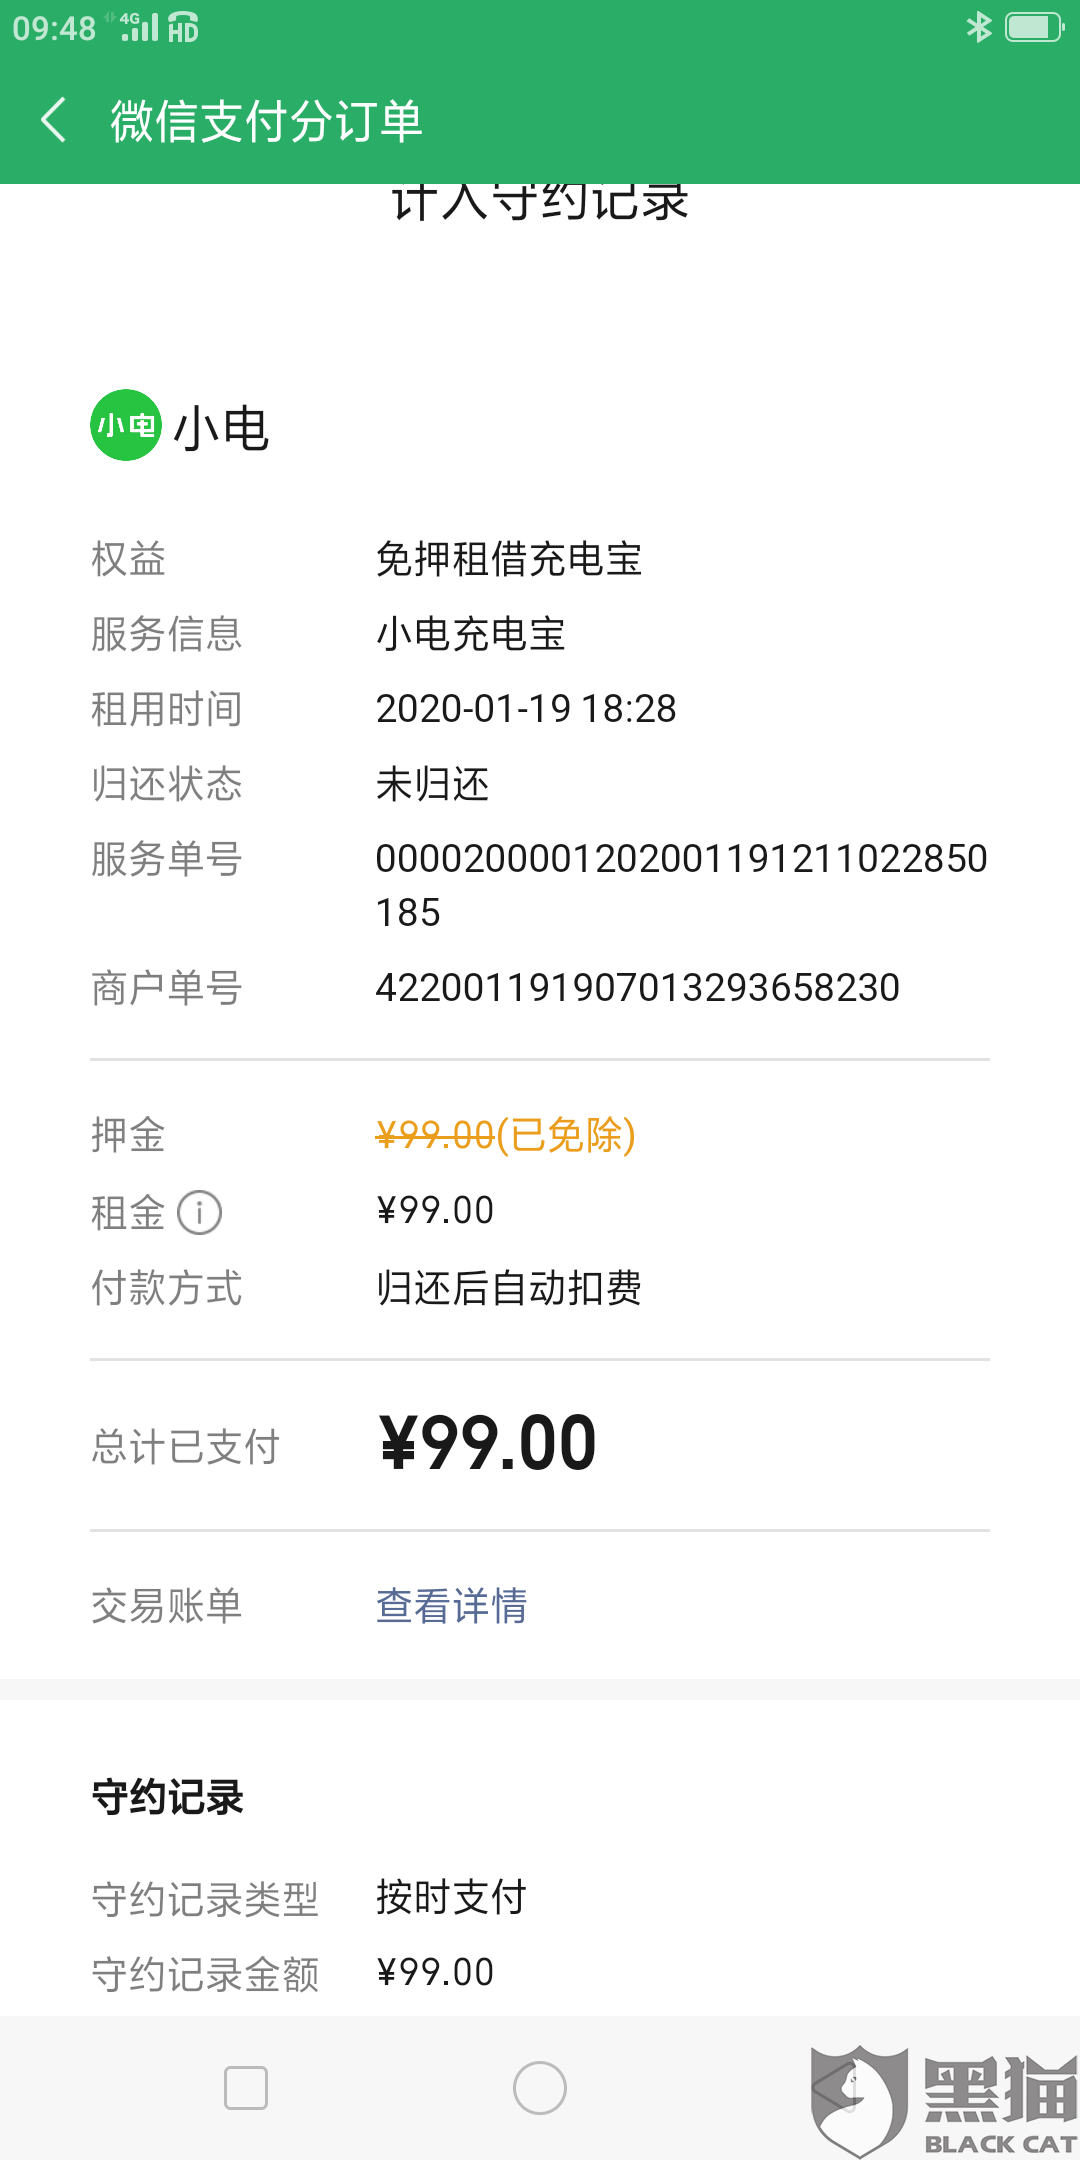 黑猫投诉:1月19日北京一坐一忘skp店